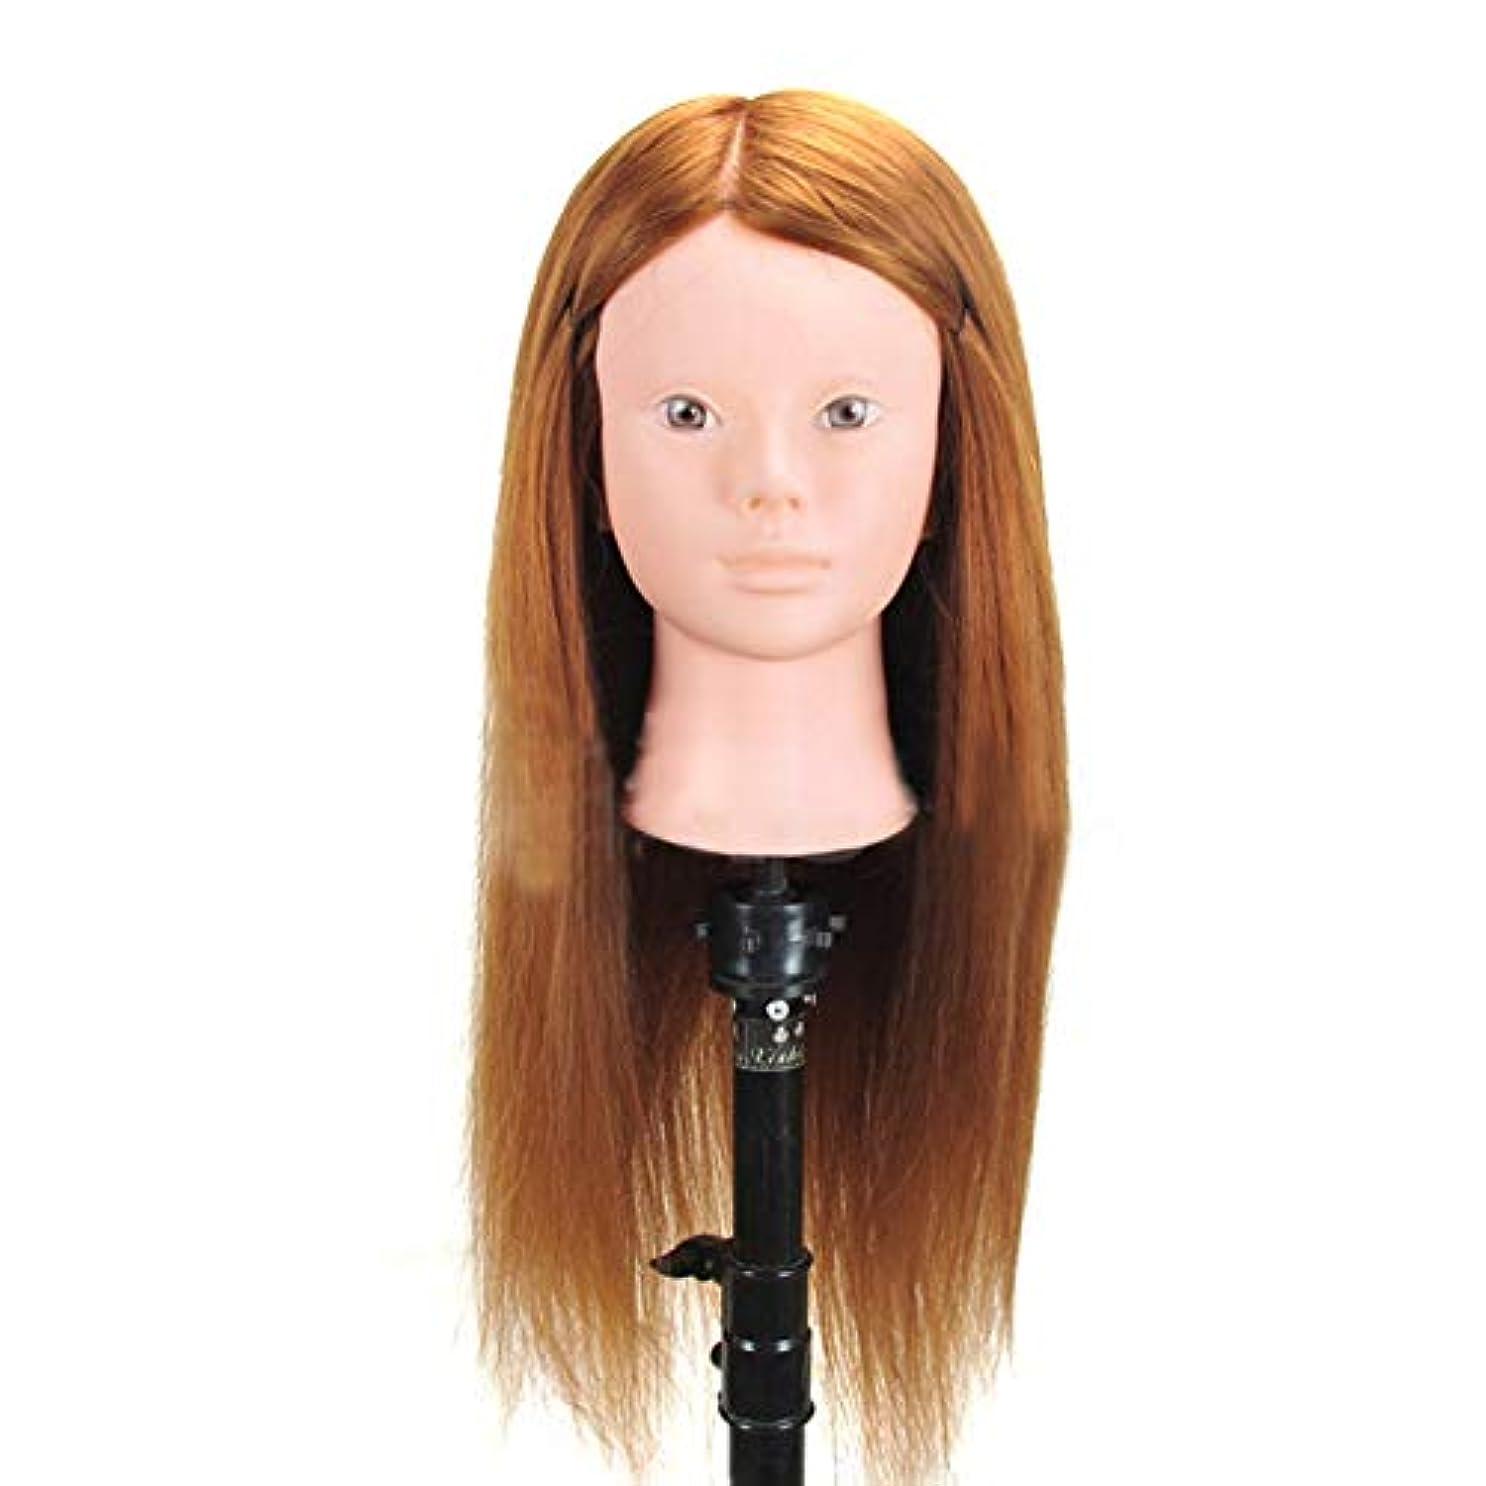 告白するみがきますできる高温シルクヘアマネキンヘッド編組ヘアヘアピンヘッドモデルサロンパーマ髪染め学習ダミーヘッド